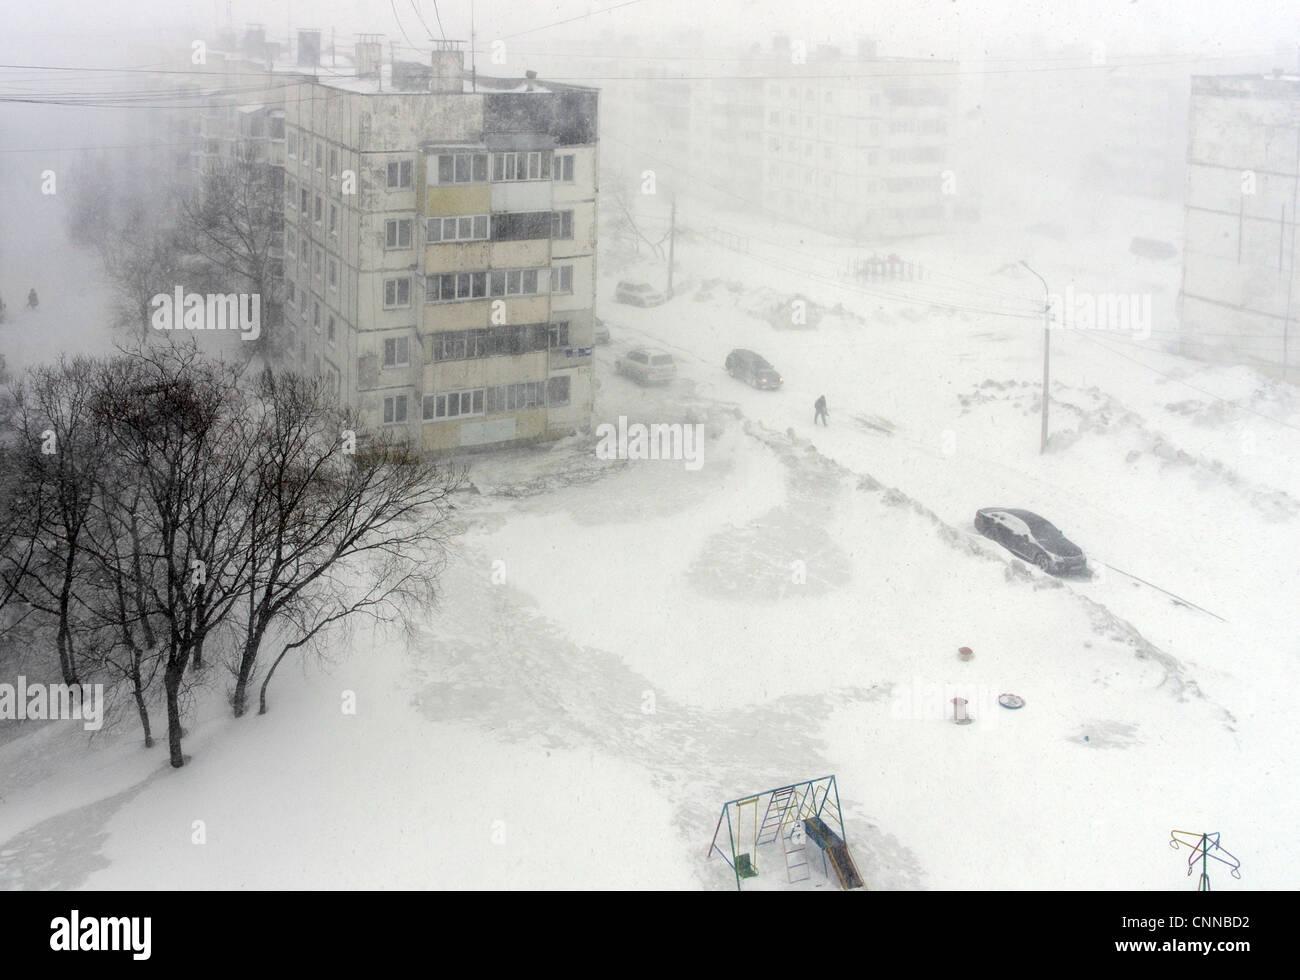 Winter. Blizzard-Schneefall in Russland, Sachalin, Juschno-Sachalinsk. geringe Sichtbarkeit, Schneewehe. Wege und Stockfoto